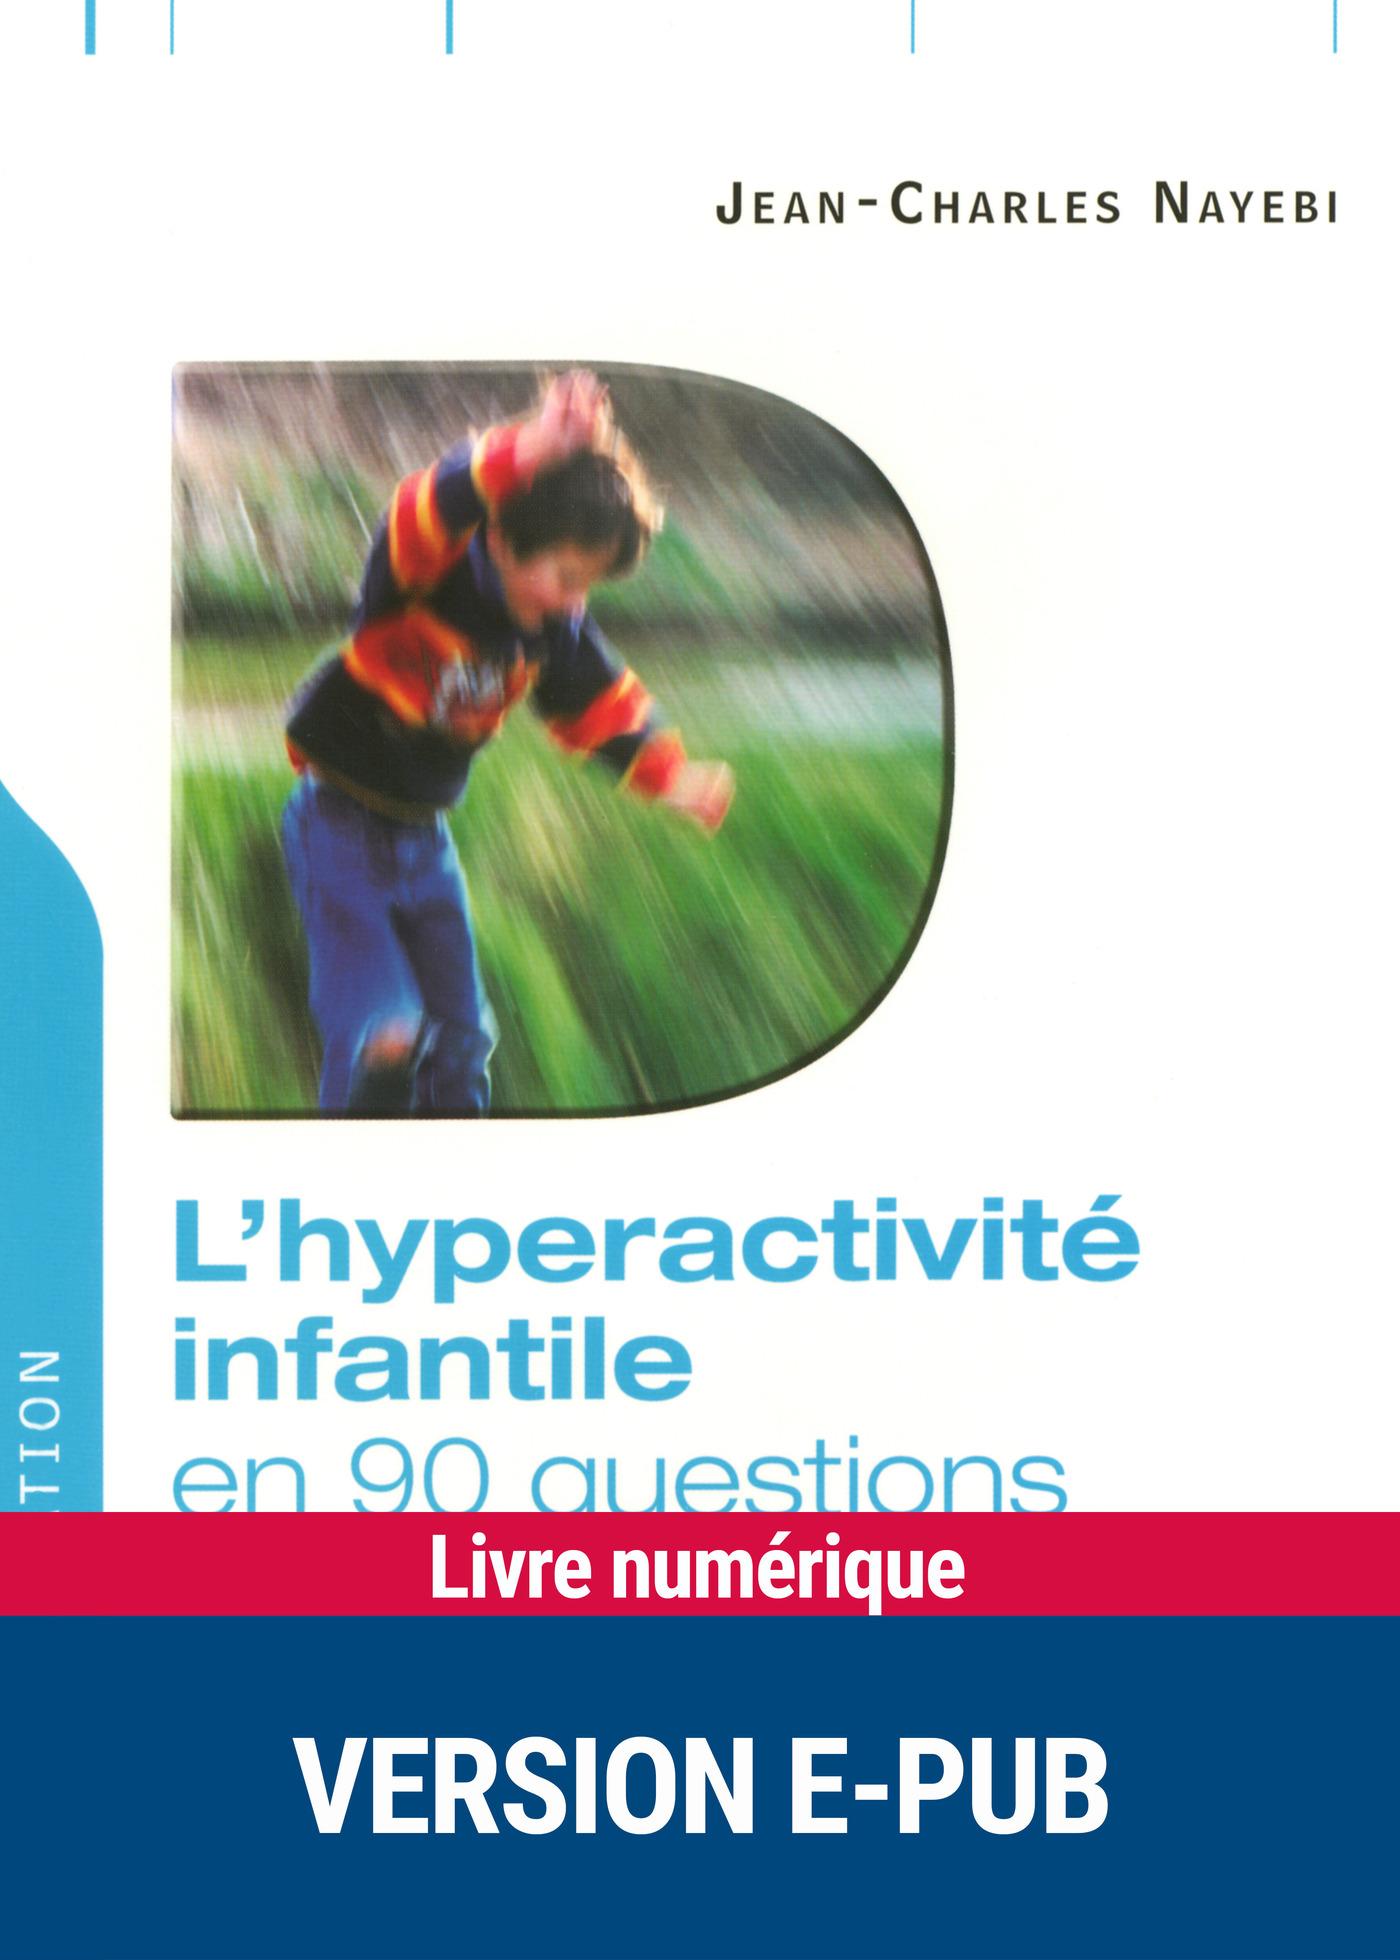 L'hyperactivité infantile en 90 questions (ebook)